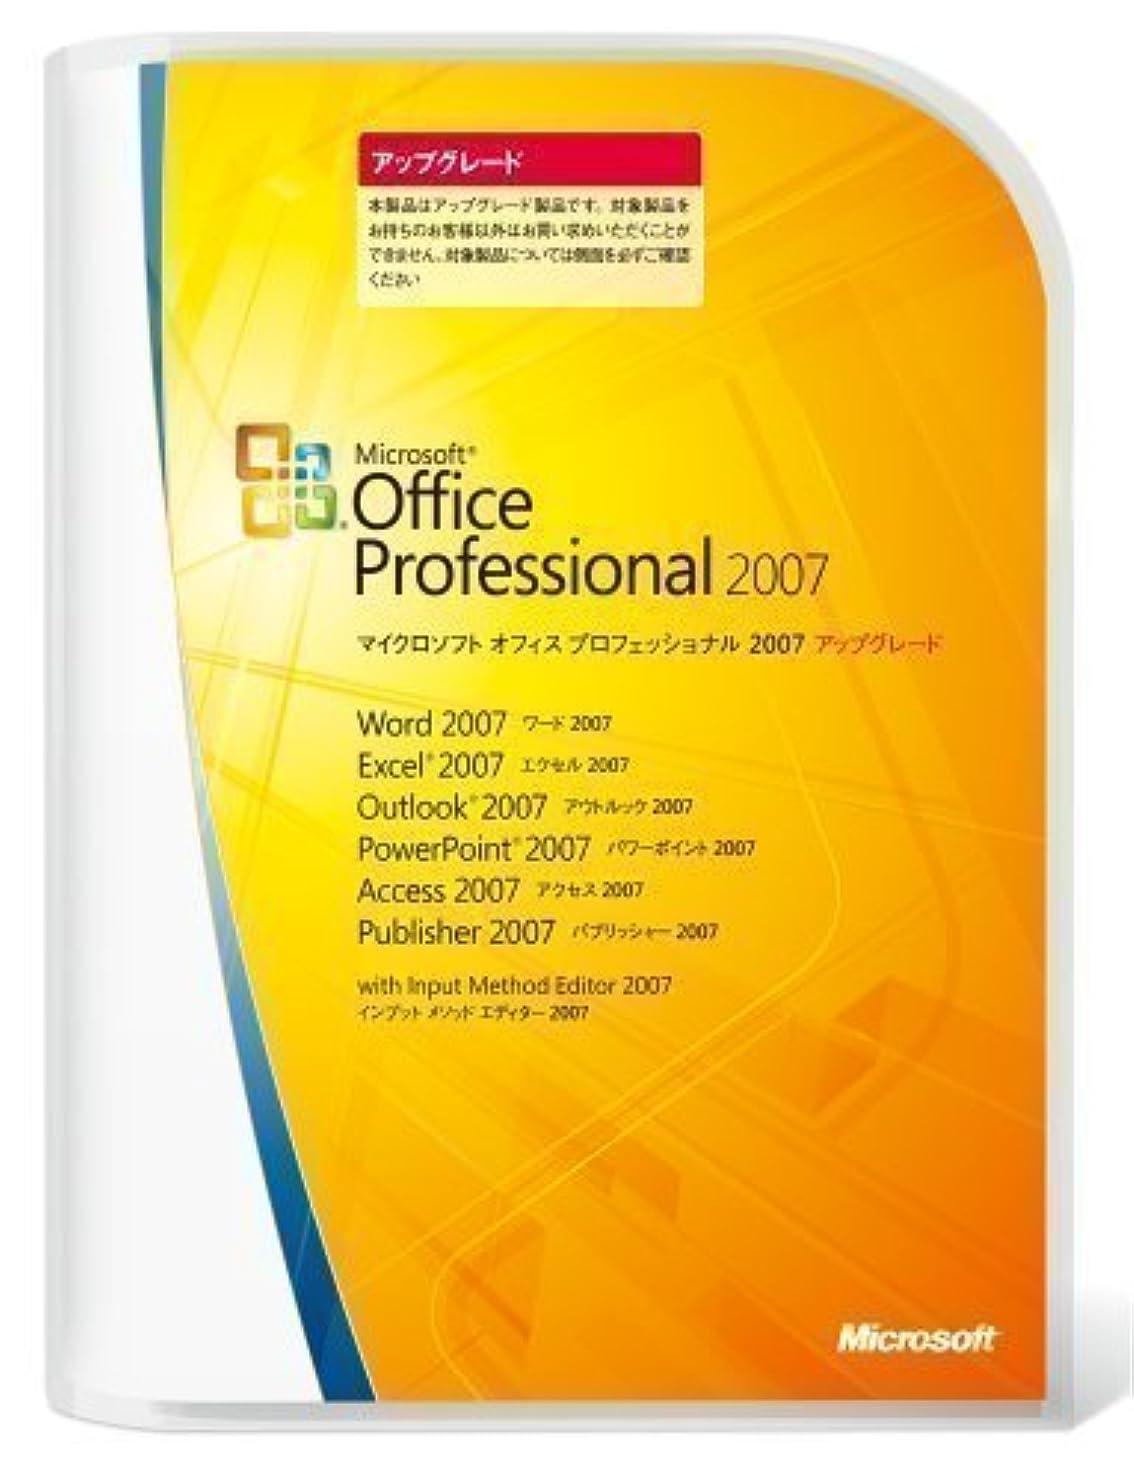 アッパー悪夢忙しい【旧商品/メーカー出荷終了/サポート終了】Microsoft  Office 2007 Professional アップグレード